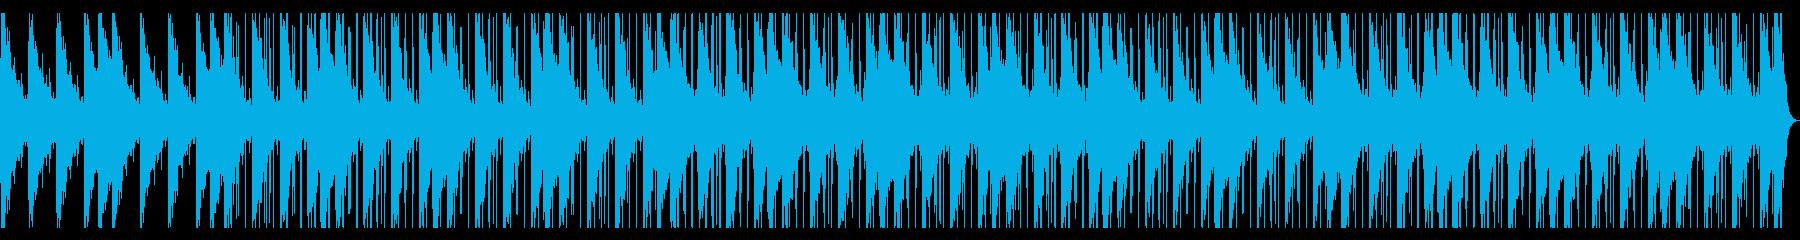 捜索するようなR&B_No616_1の再生済みの波形